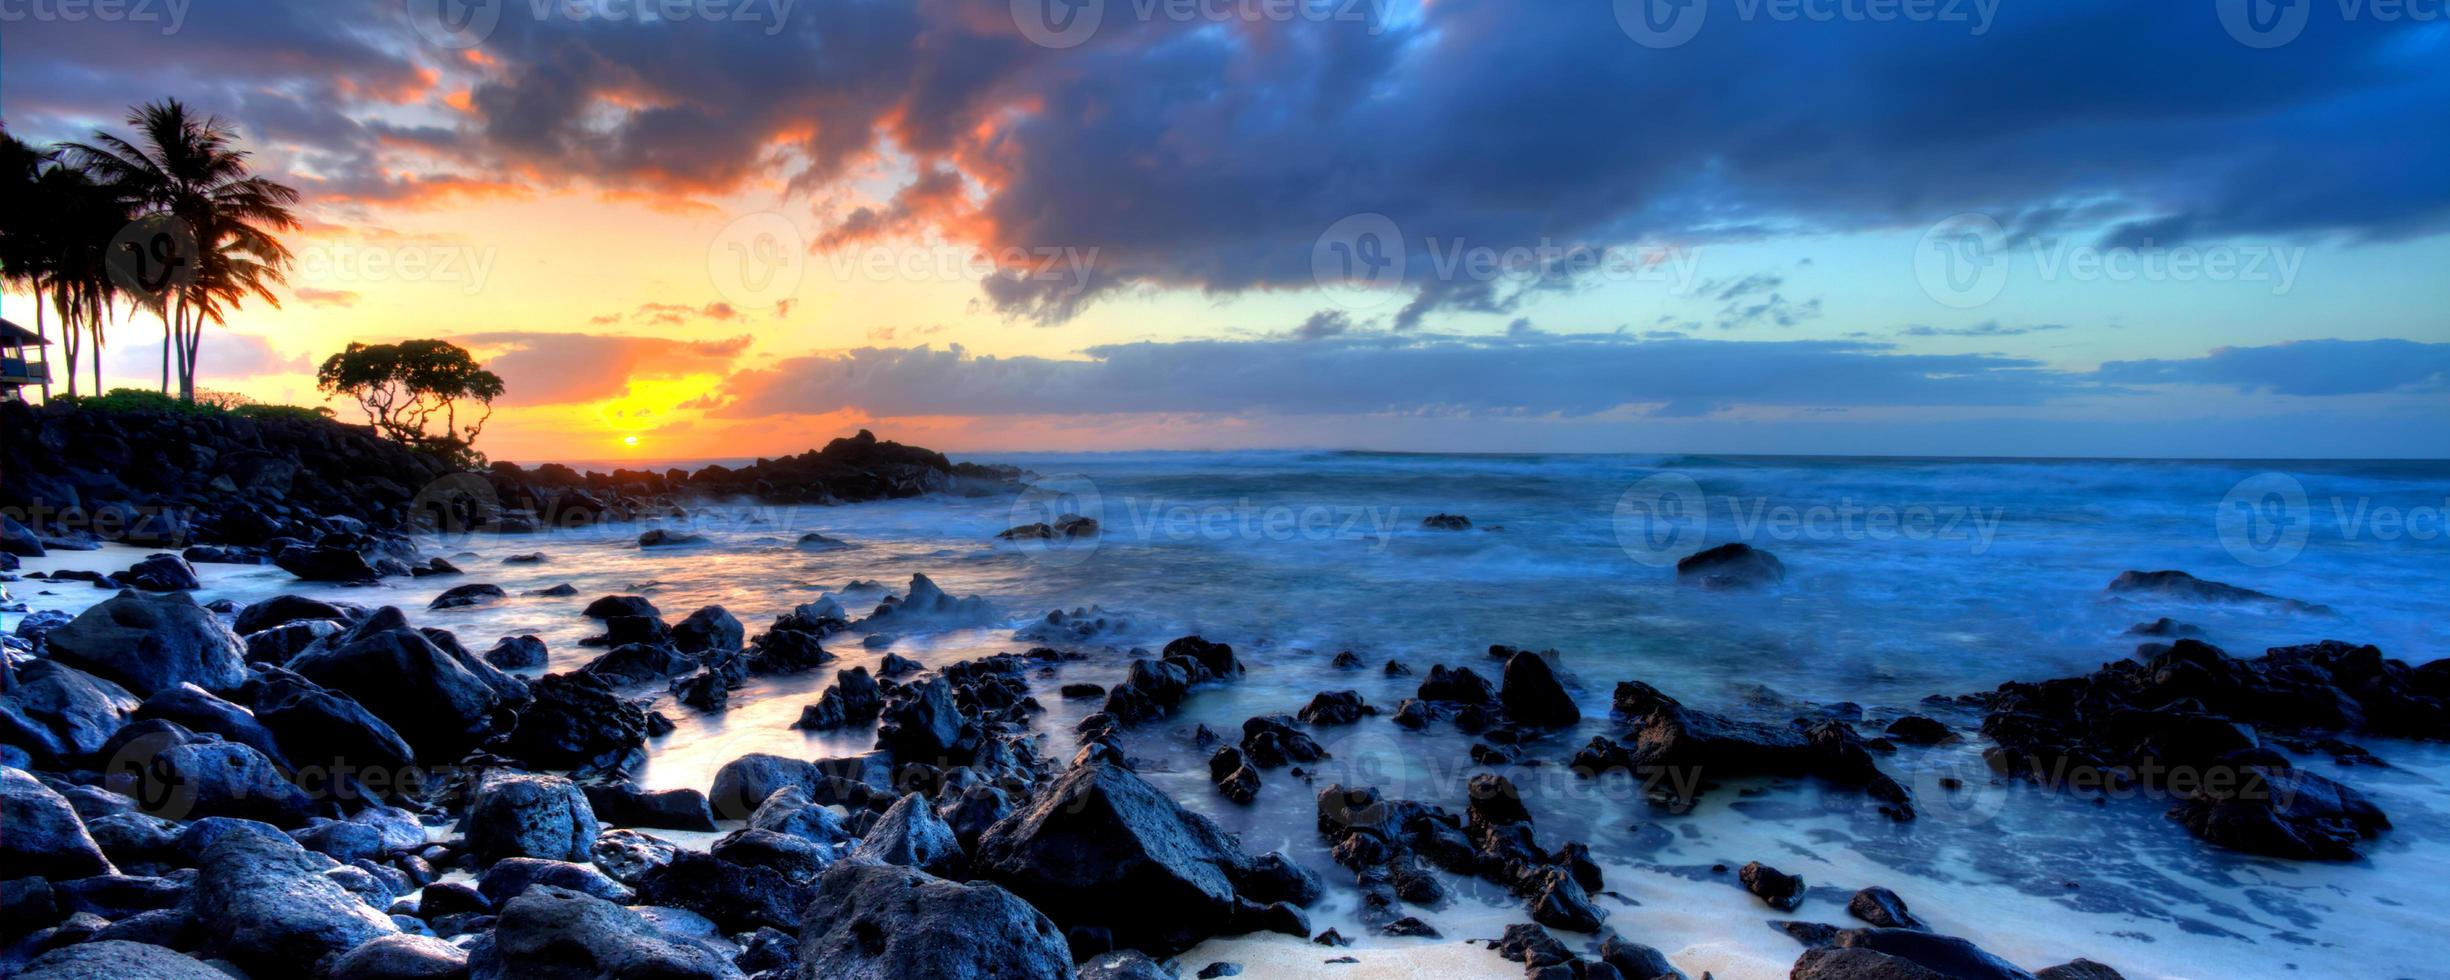 aloha notti foto